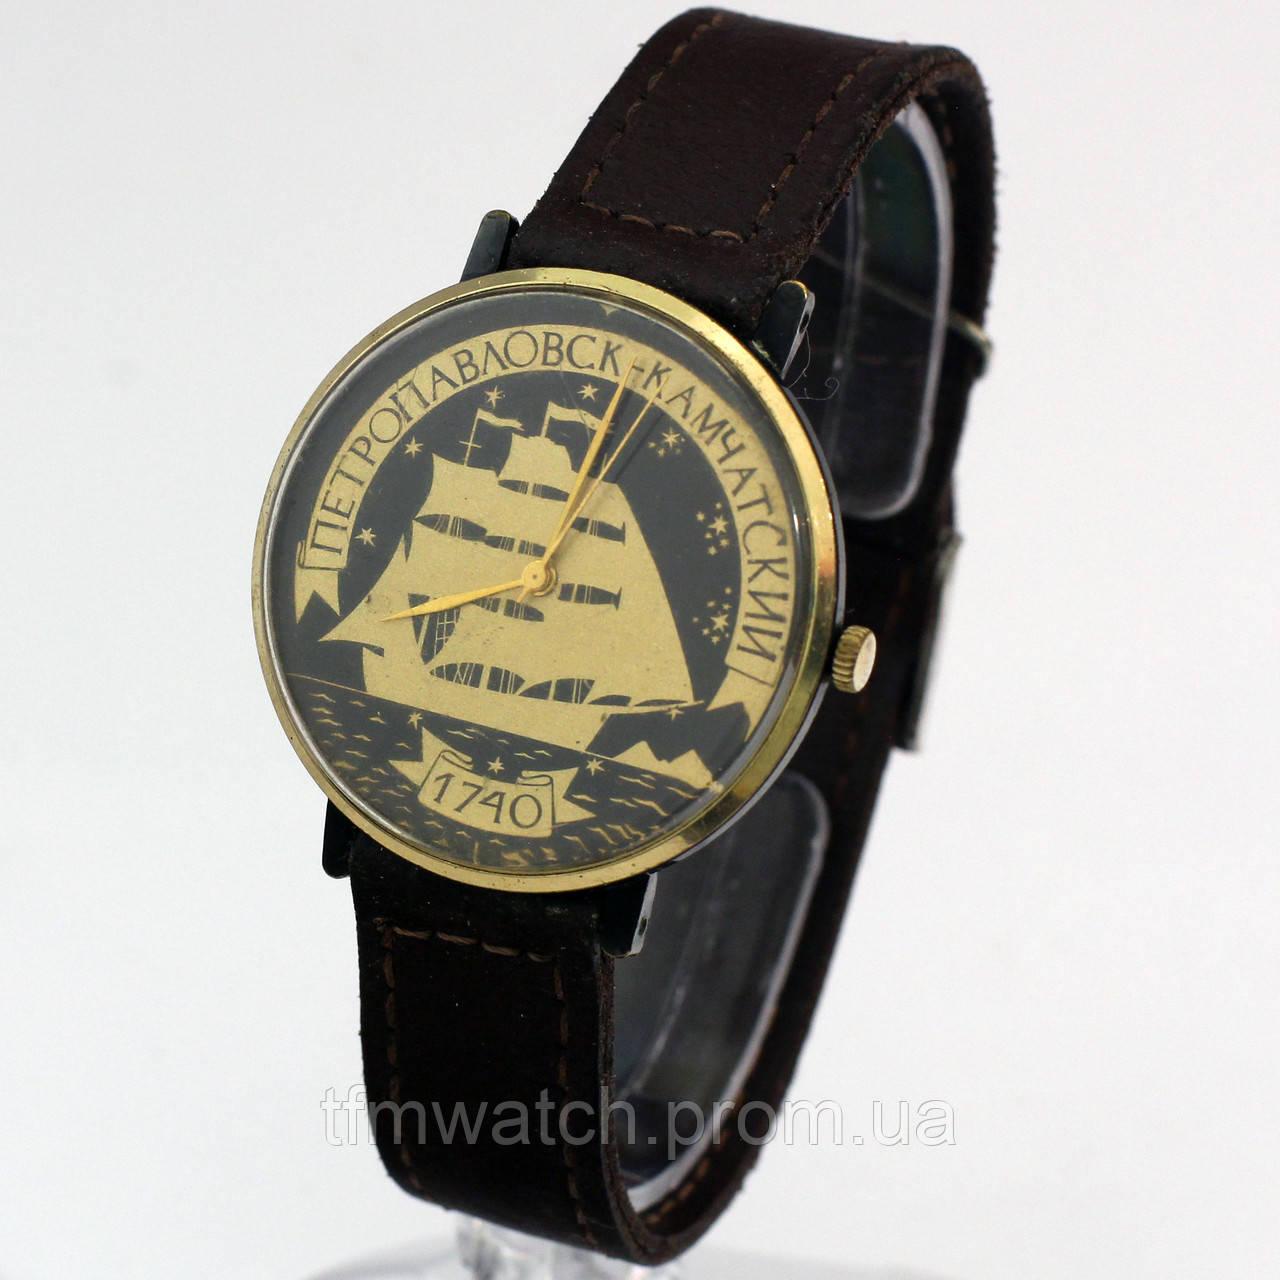 Часы Заря Петропавловск Камчатский